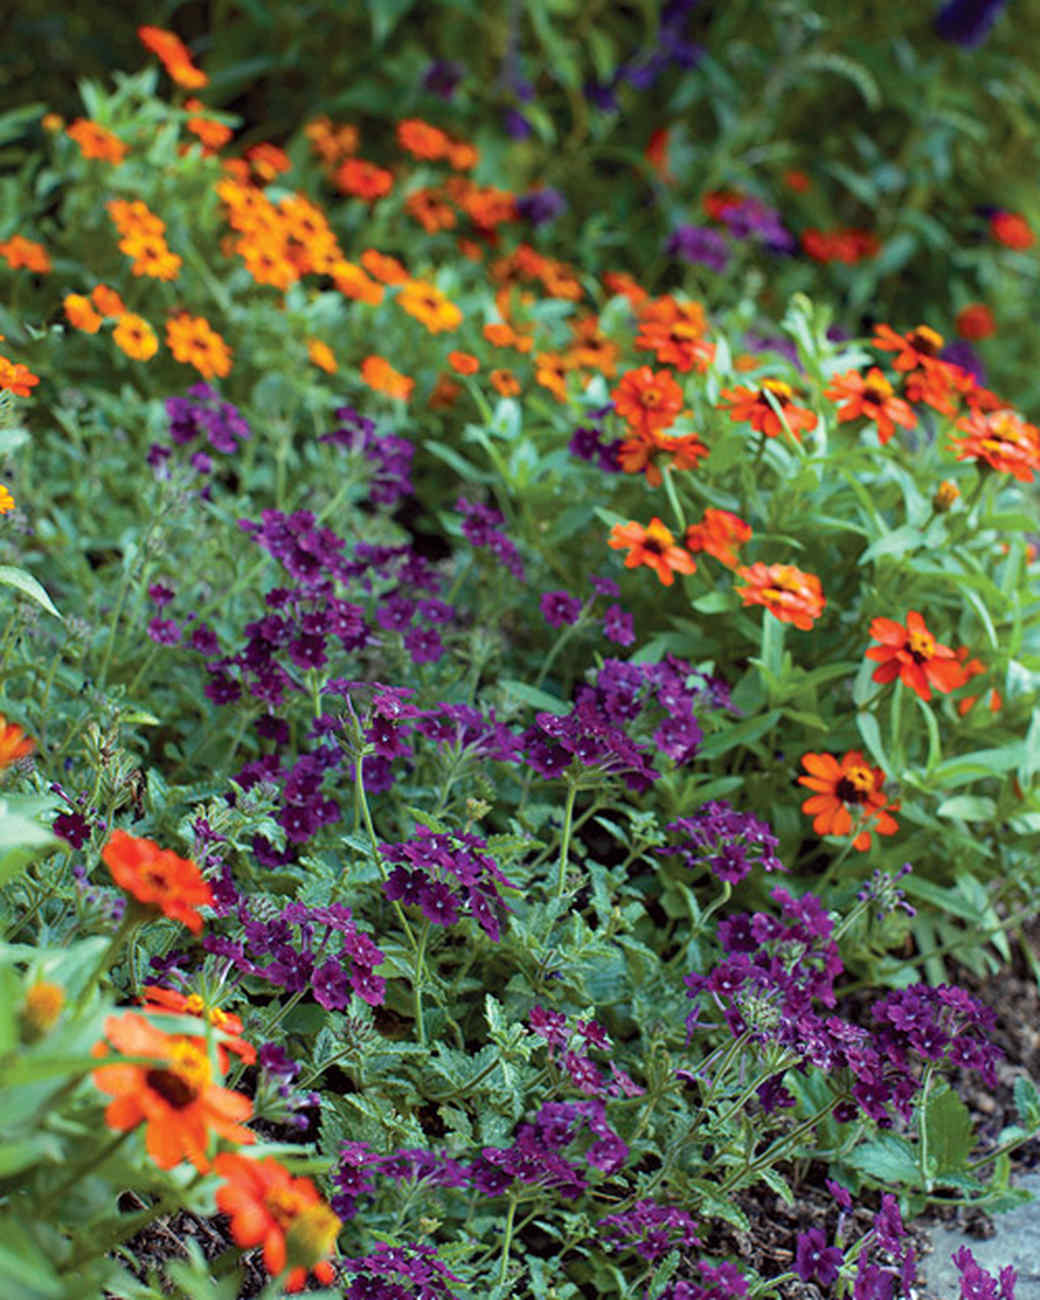 mld104318_0609_orange_purple.jpg